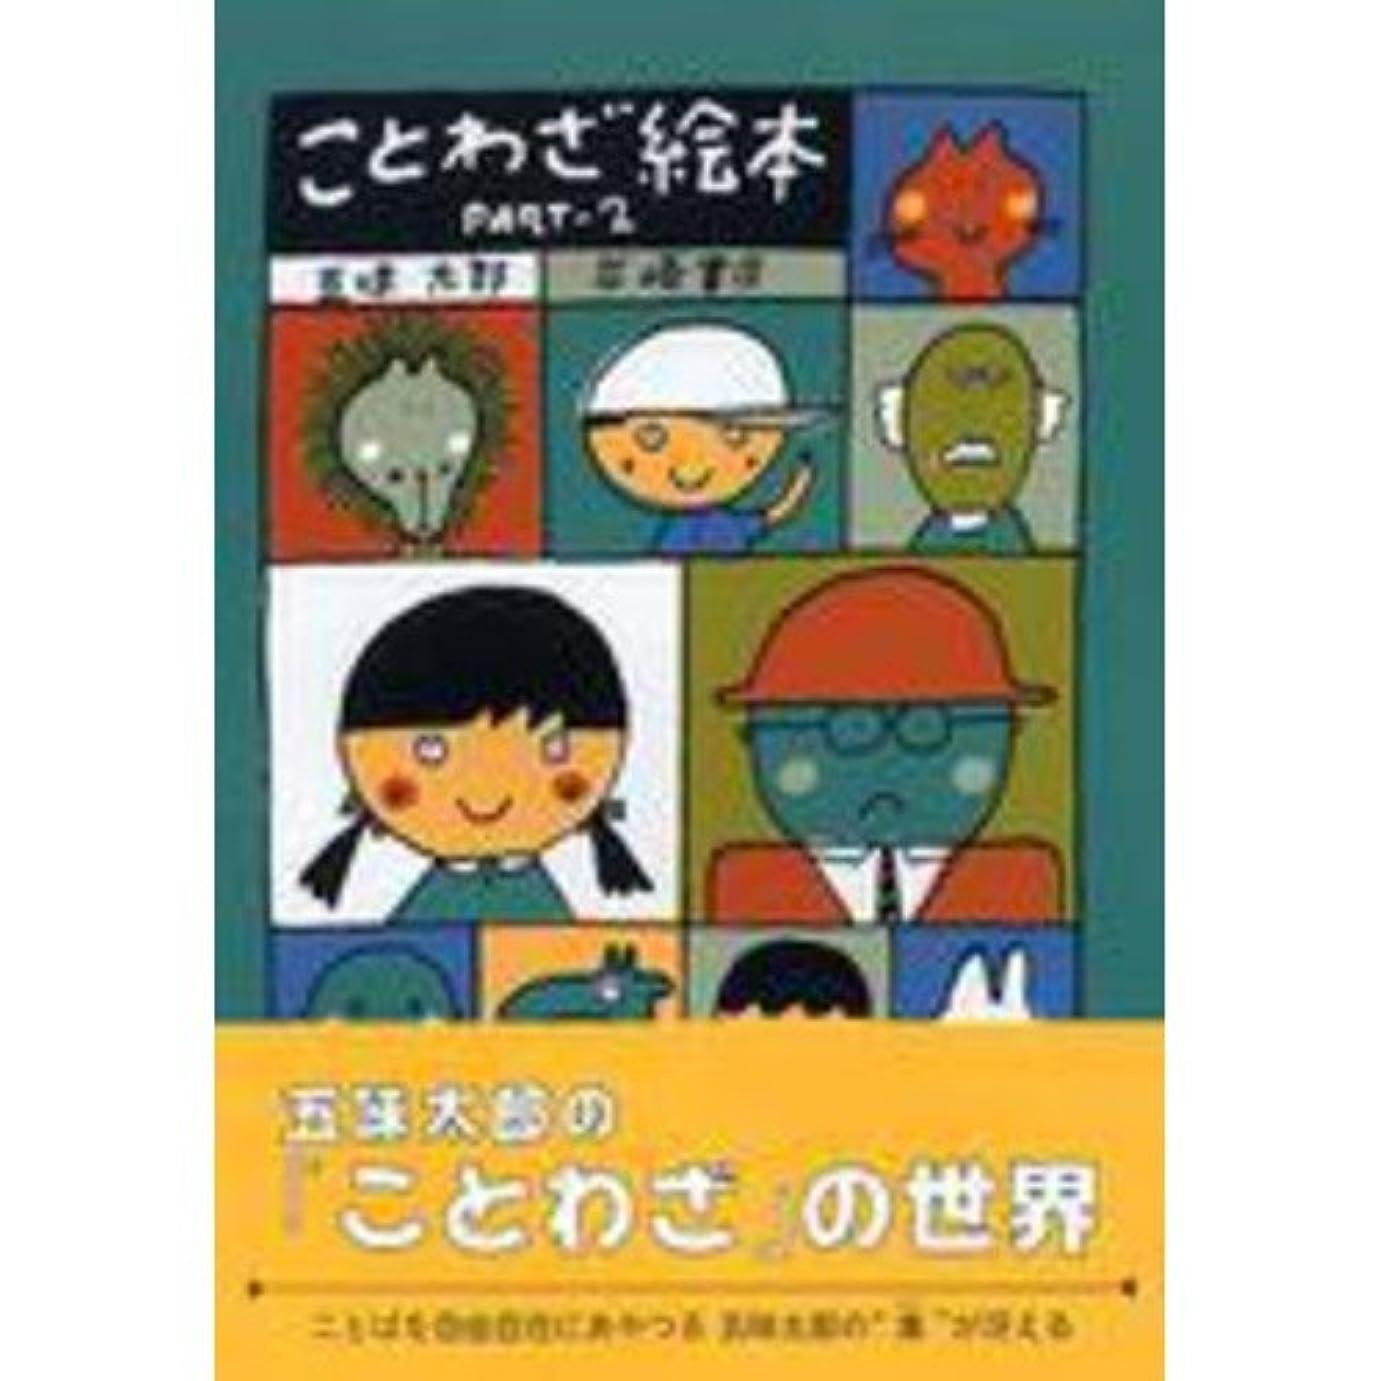 盲信超越する中性岩崎書店 ことわざ絵本 PART2 A5判